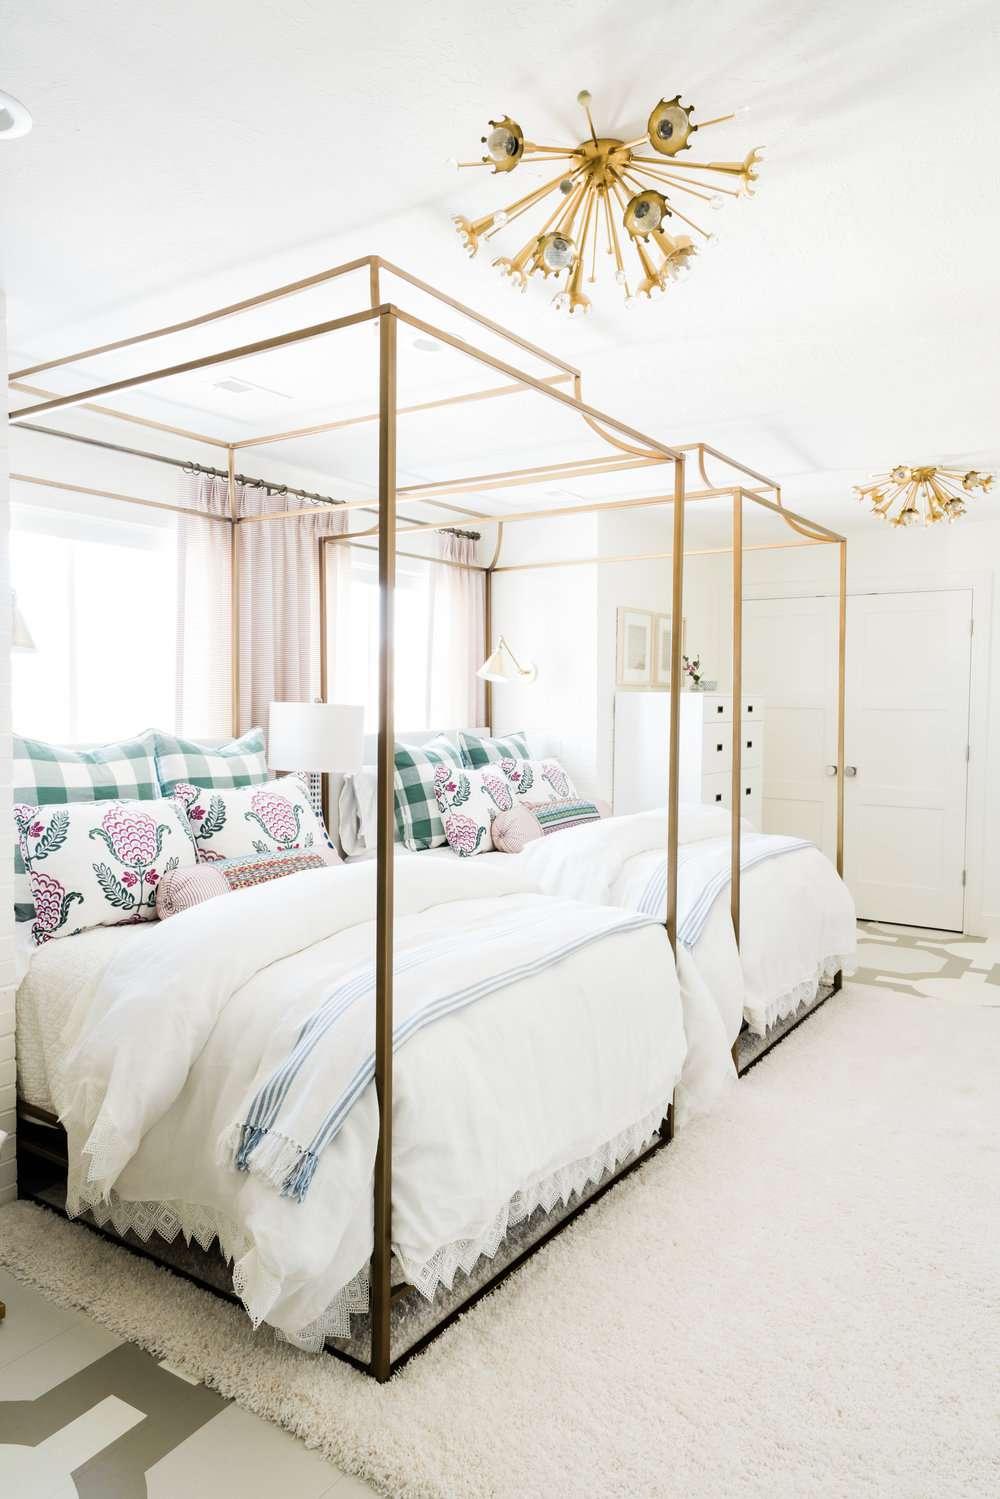 Gold canopies in children's bedroom